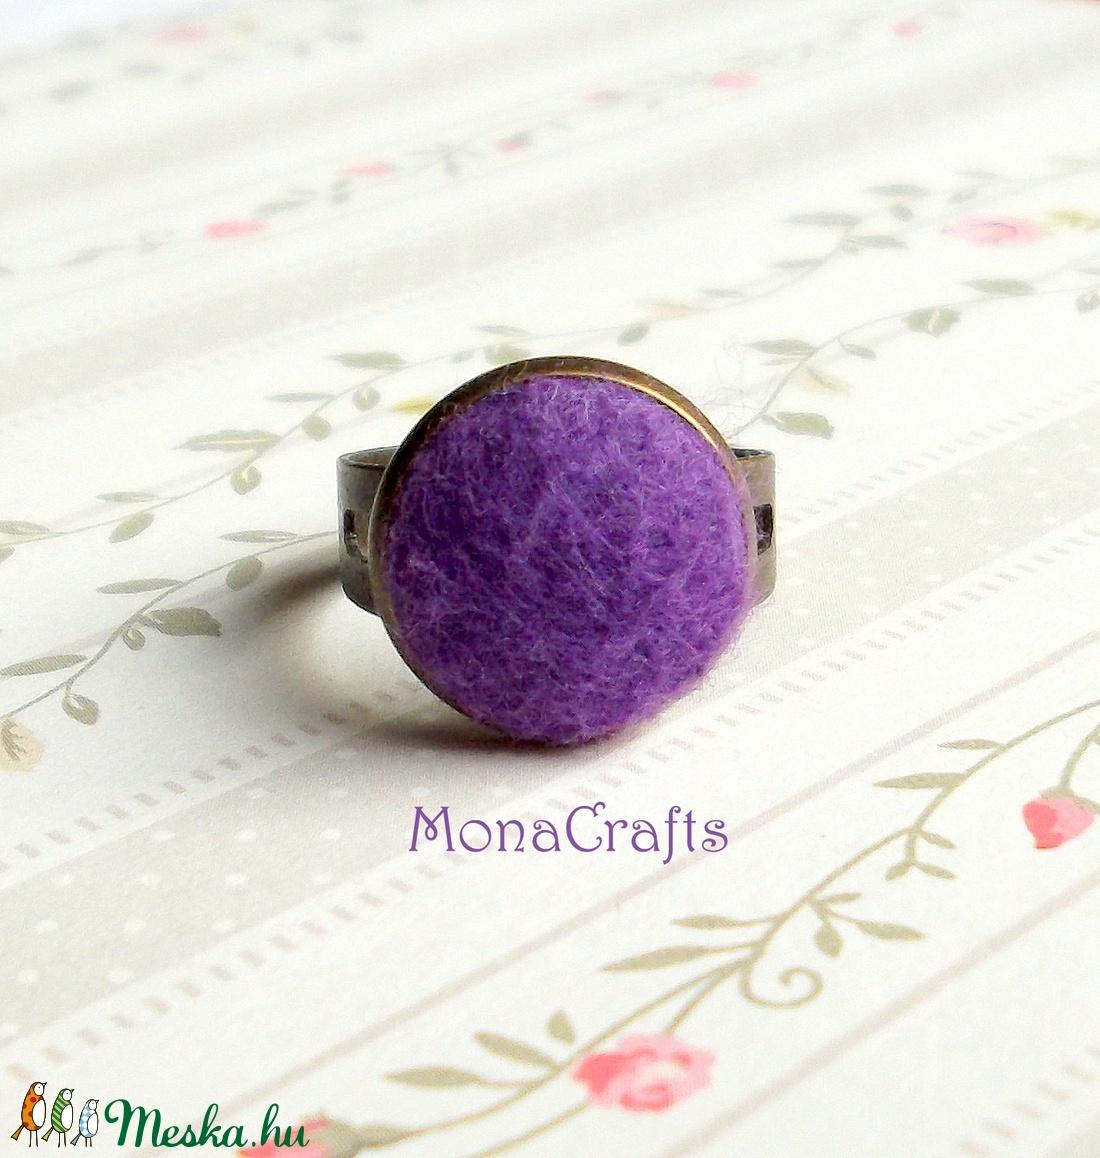 KIFUTÓ TERMÉK! Liliána filcgombgyűrű (MonaCrafts) - Meska.hu